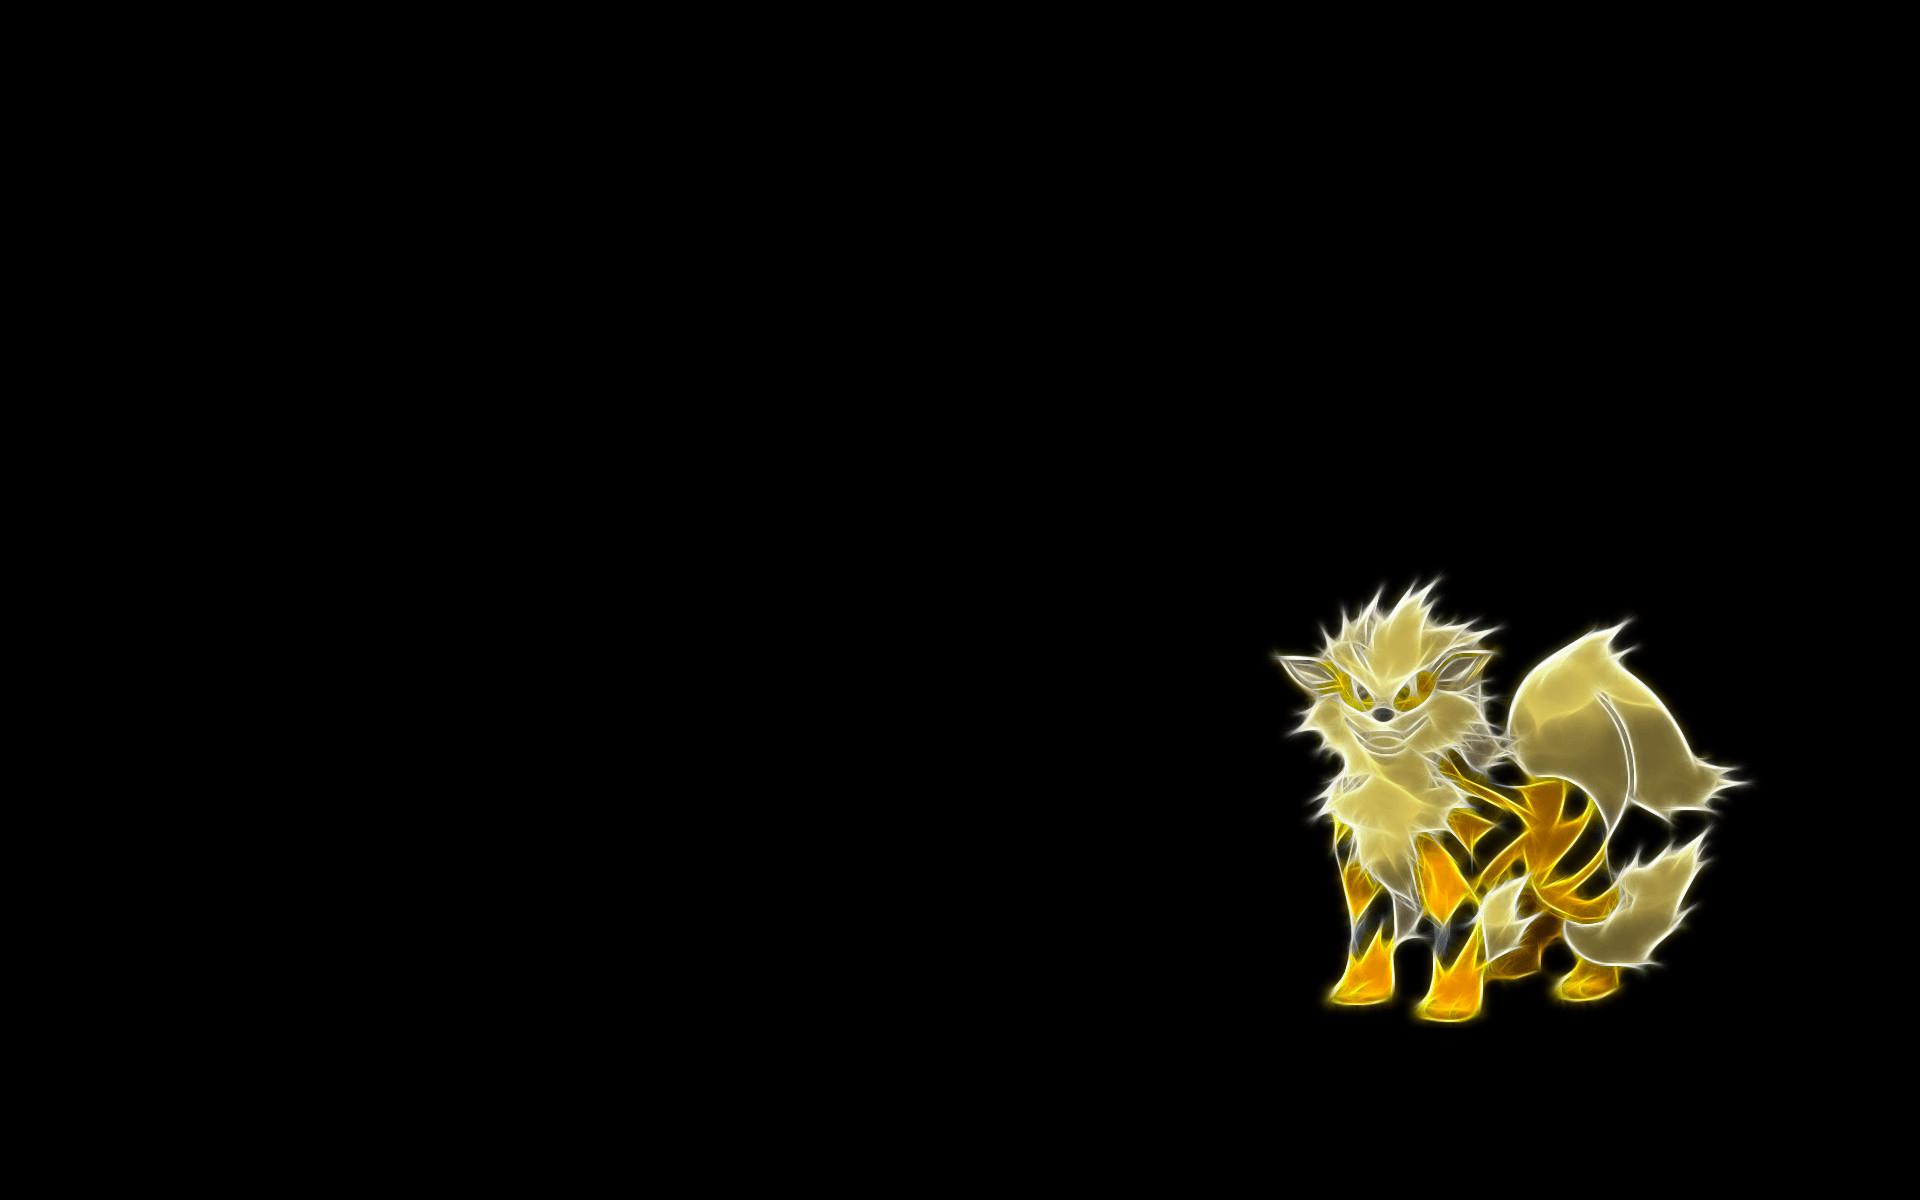 Cute <b>Pokemon Wallpapers Desktop Background</b>. Cute <b